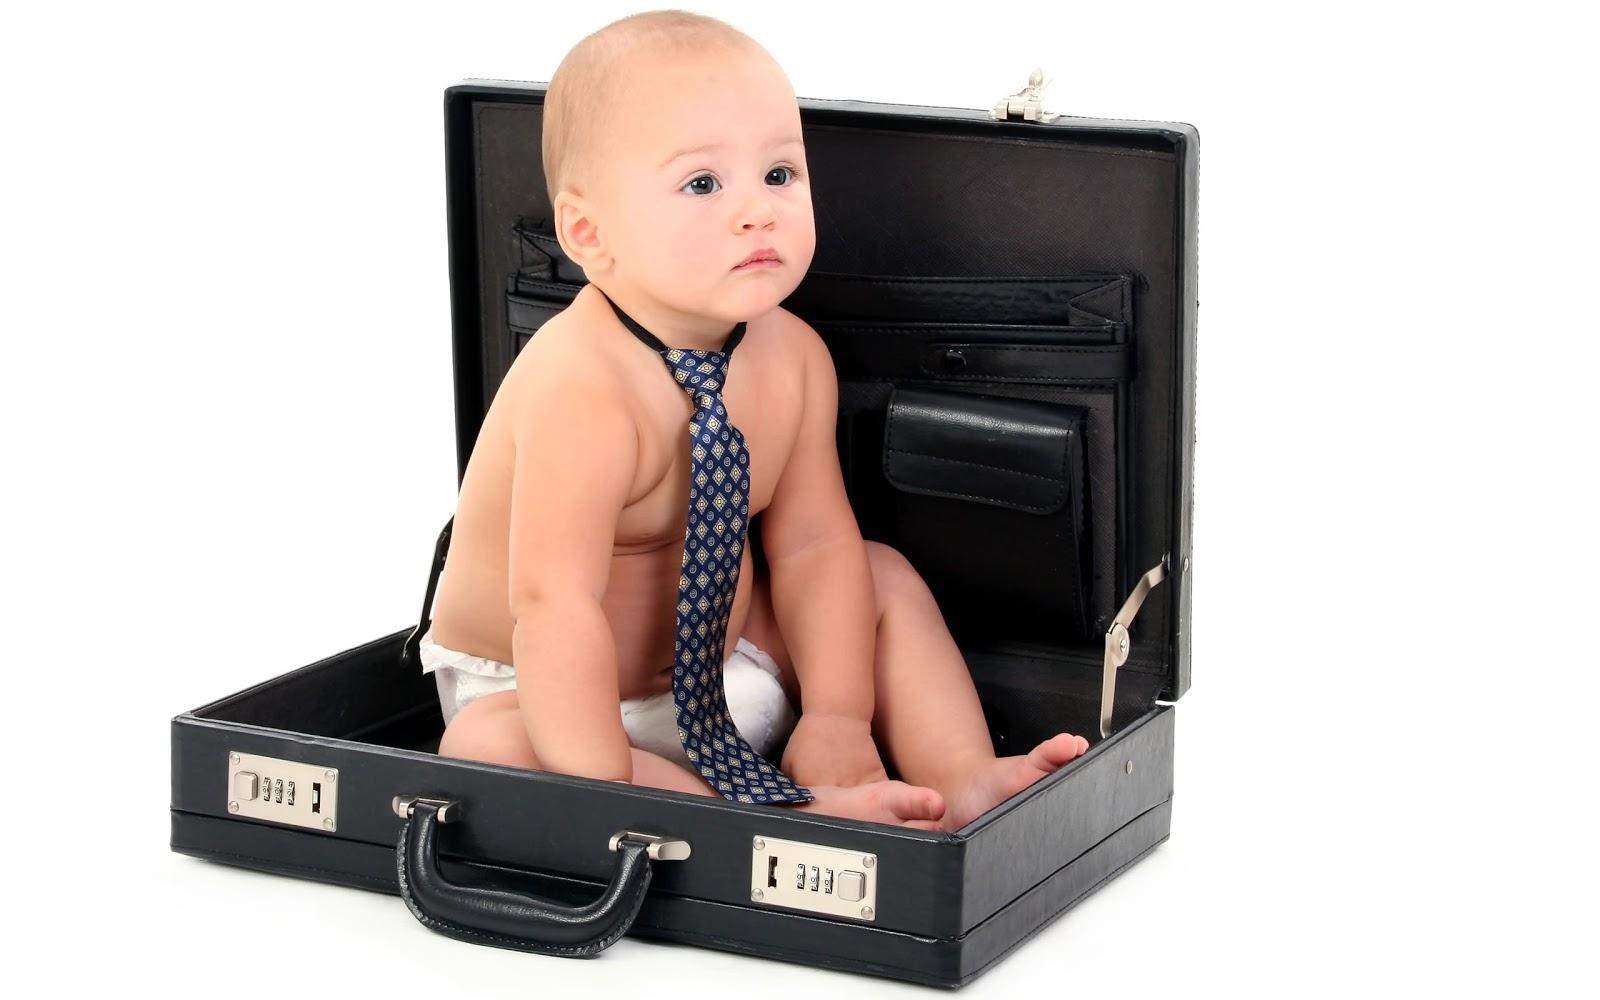 http://3.bp.blogspot.com/-Aaz1HV_N5uY/Tcqi9Y5s89I/AAAAAAAAD1E/UnTqKscYQN0/s1600/Baby%2Bwallpapers%2B%25252811%252529.jpg